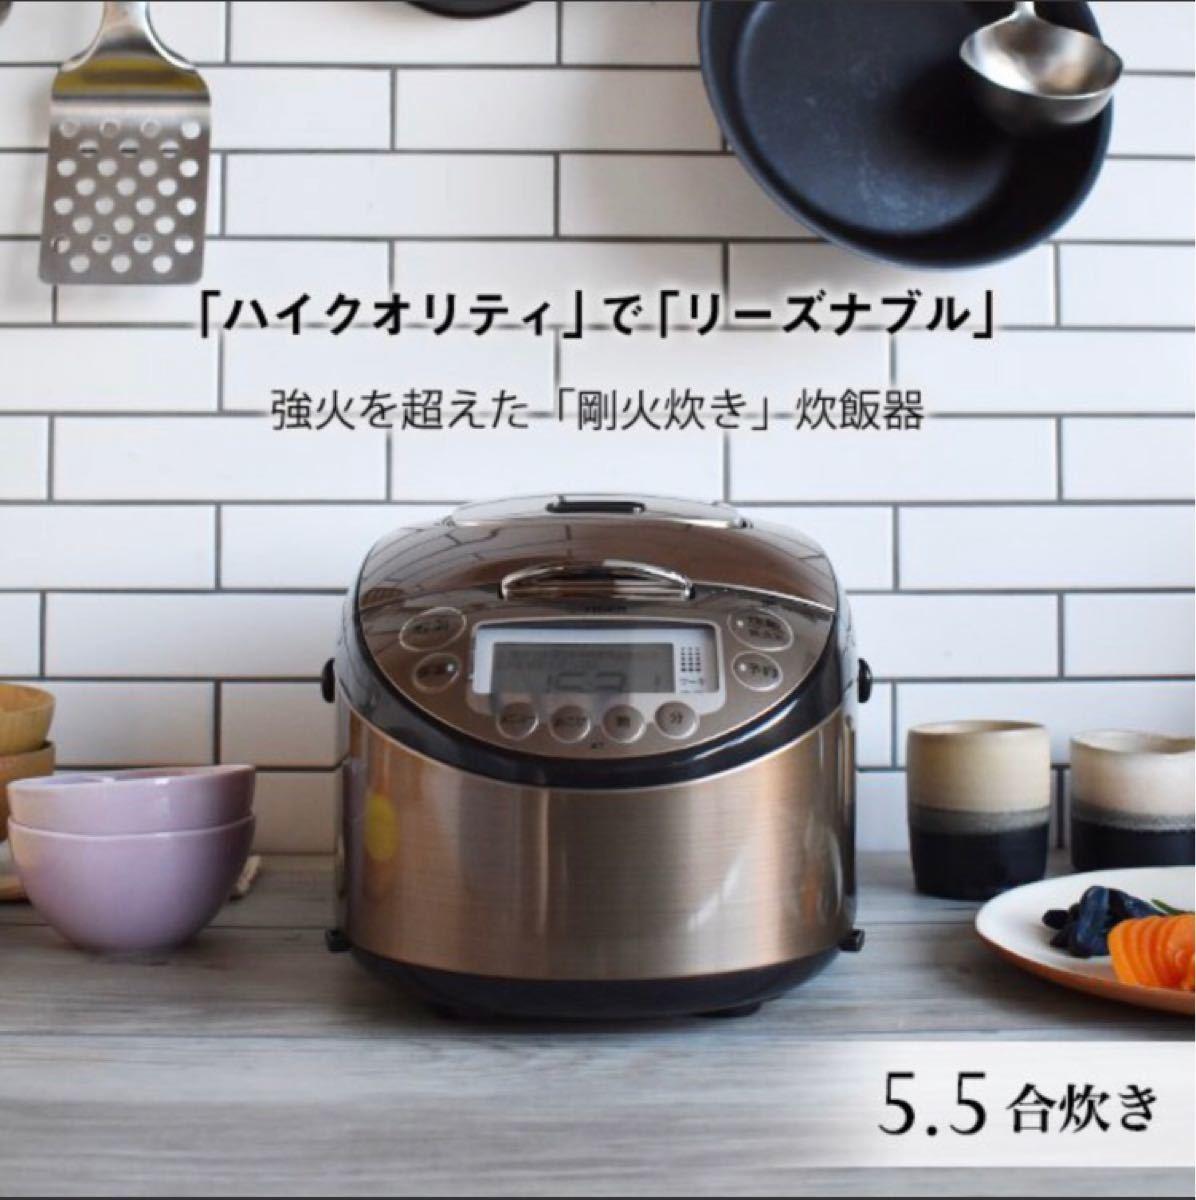 値下げ!タイガー魔法瓶(TIGER) 炊飯器 5.5合 IH 炊き分けメニュー10種搭載 JKT-P100-TK ダークブラウン